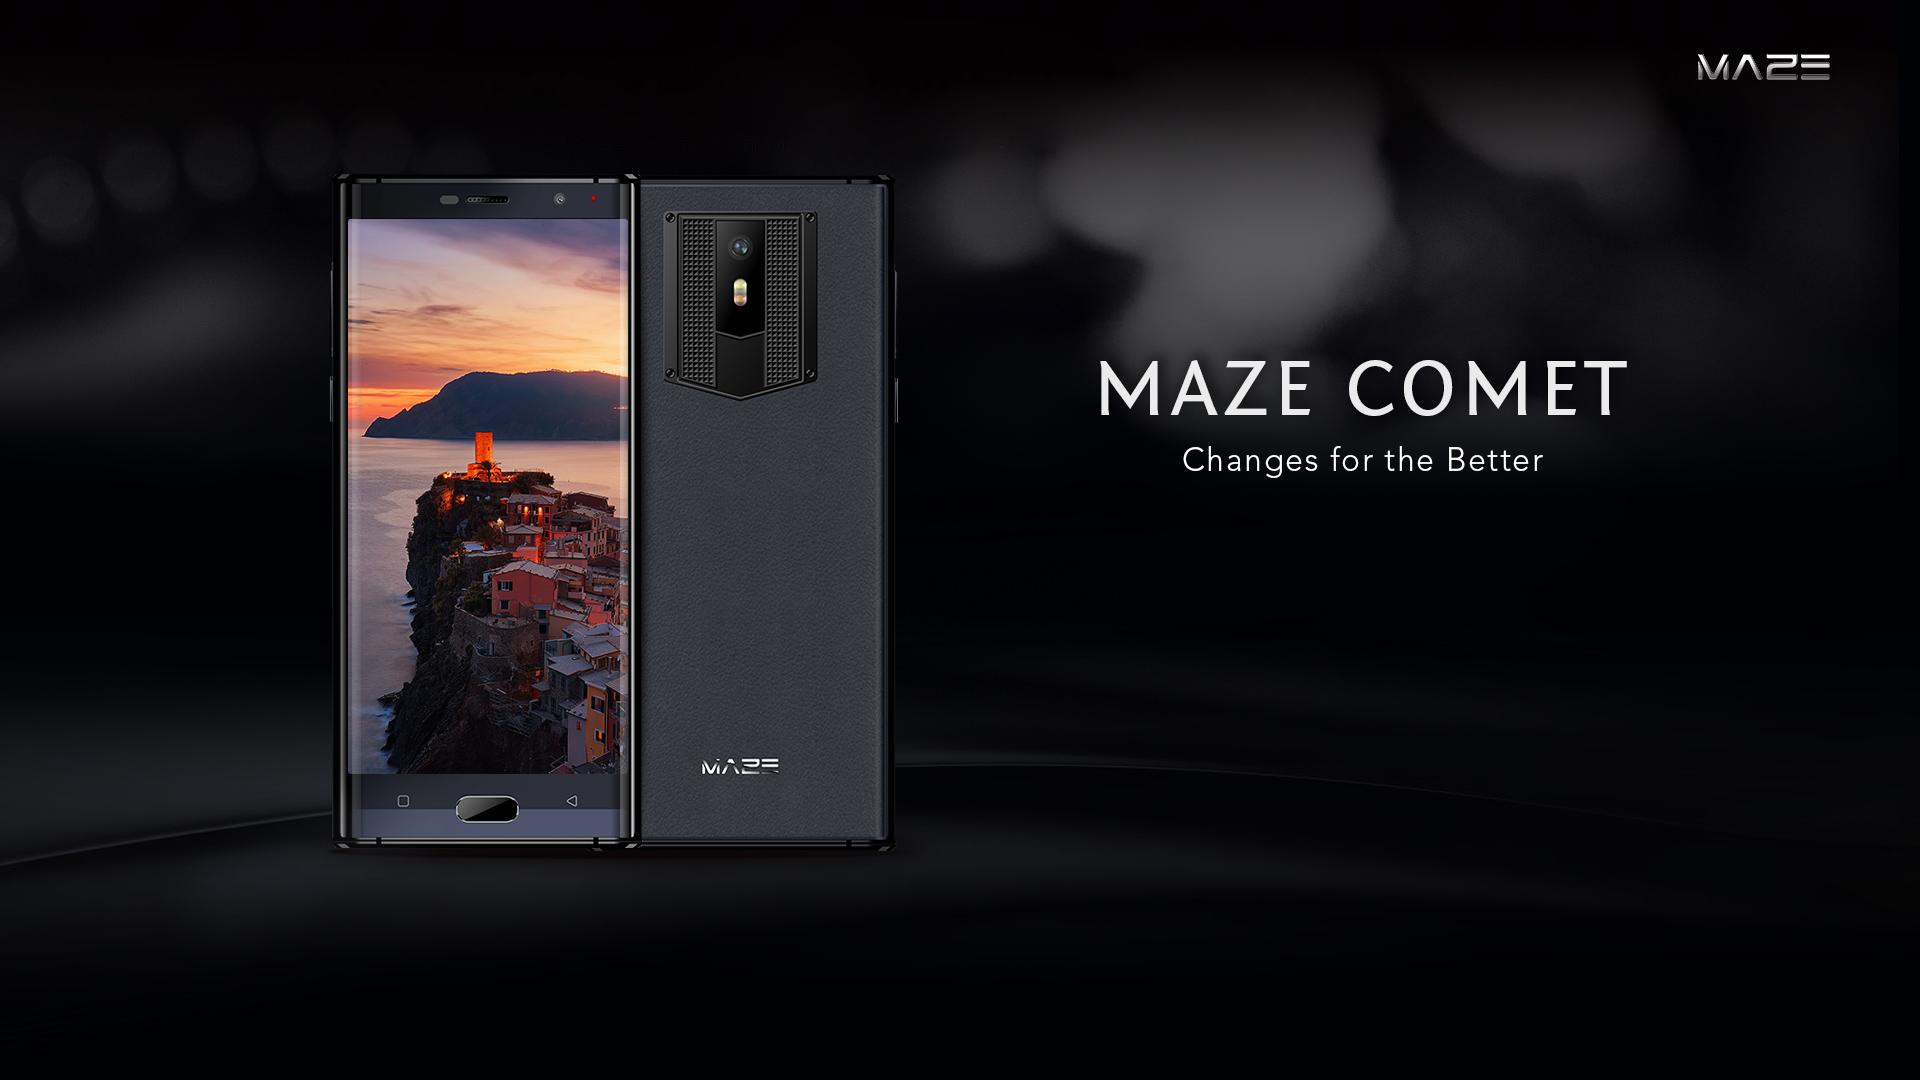 Maze Comet: Leder, Metall und 18:9